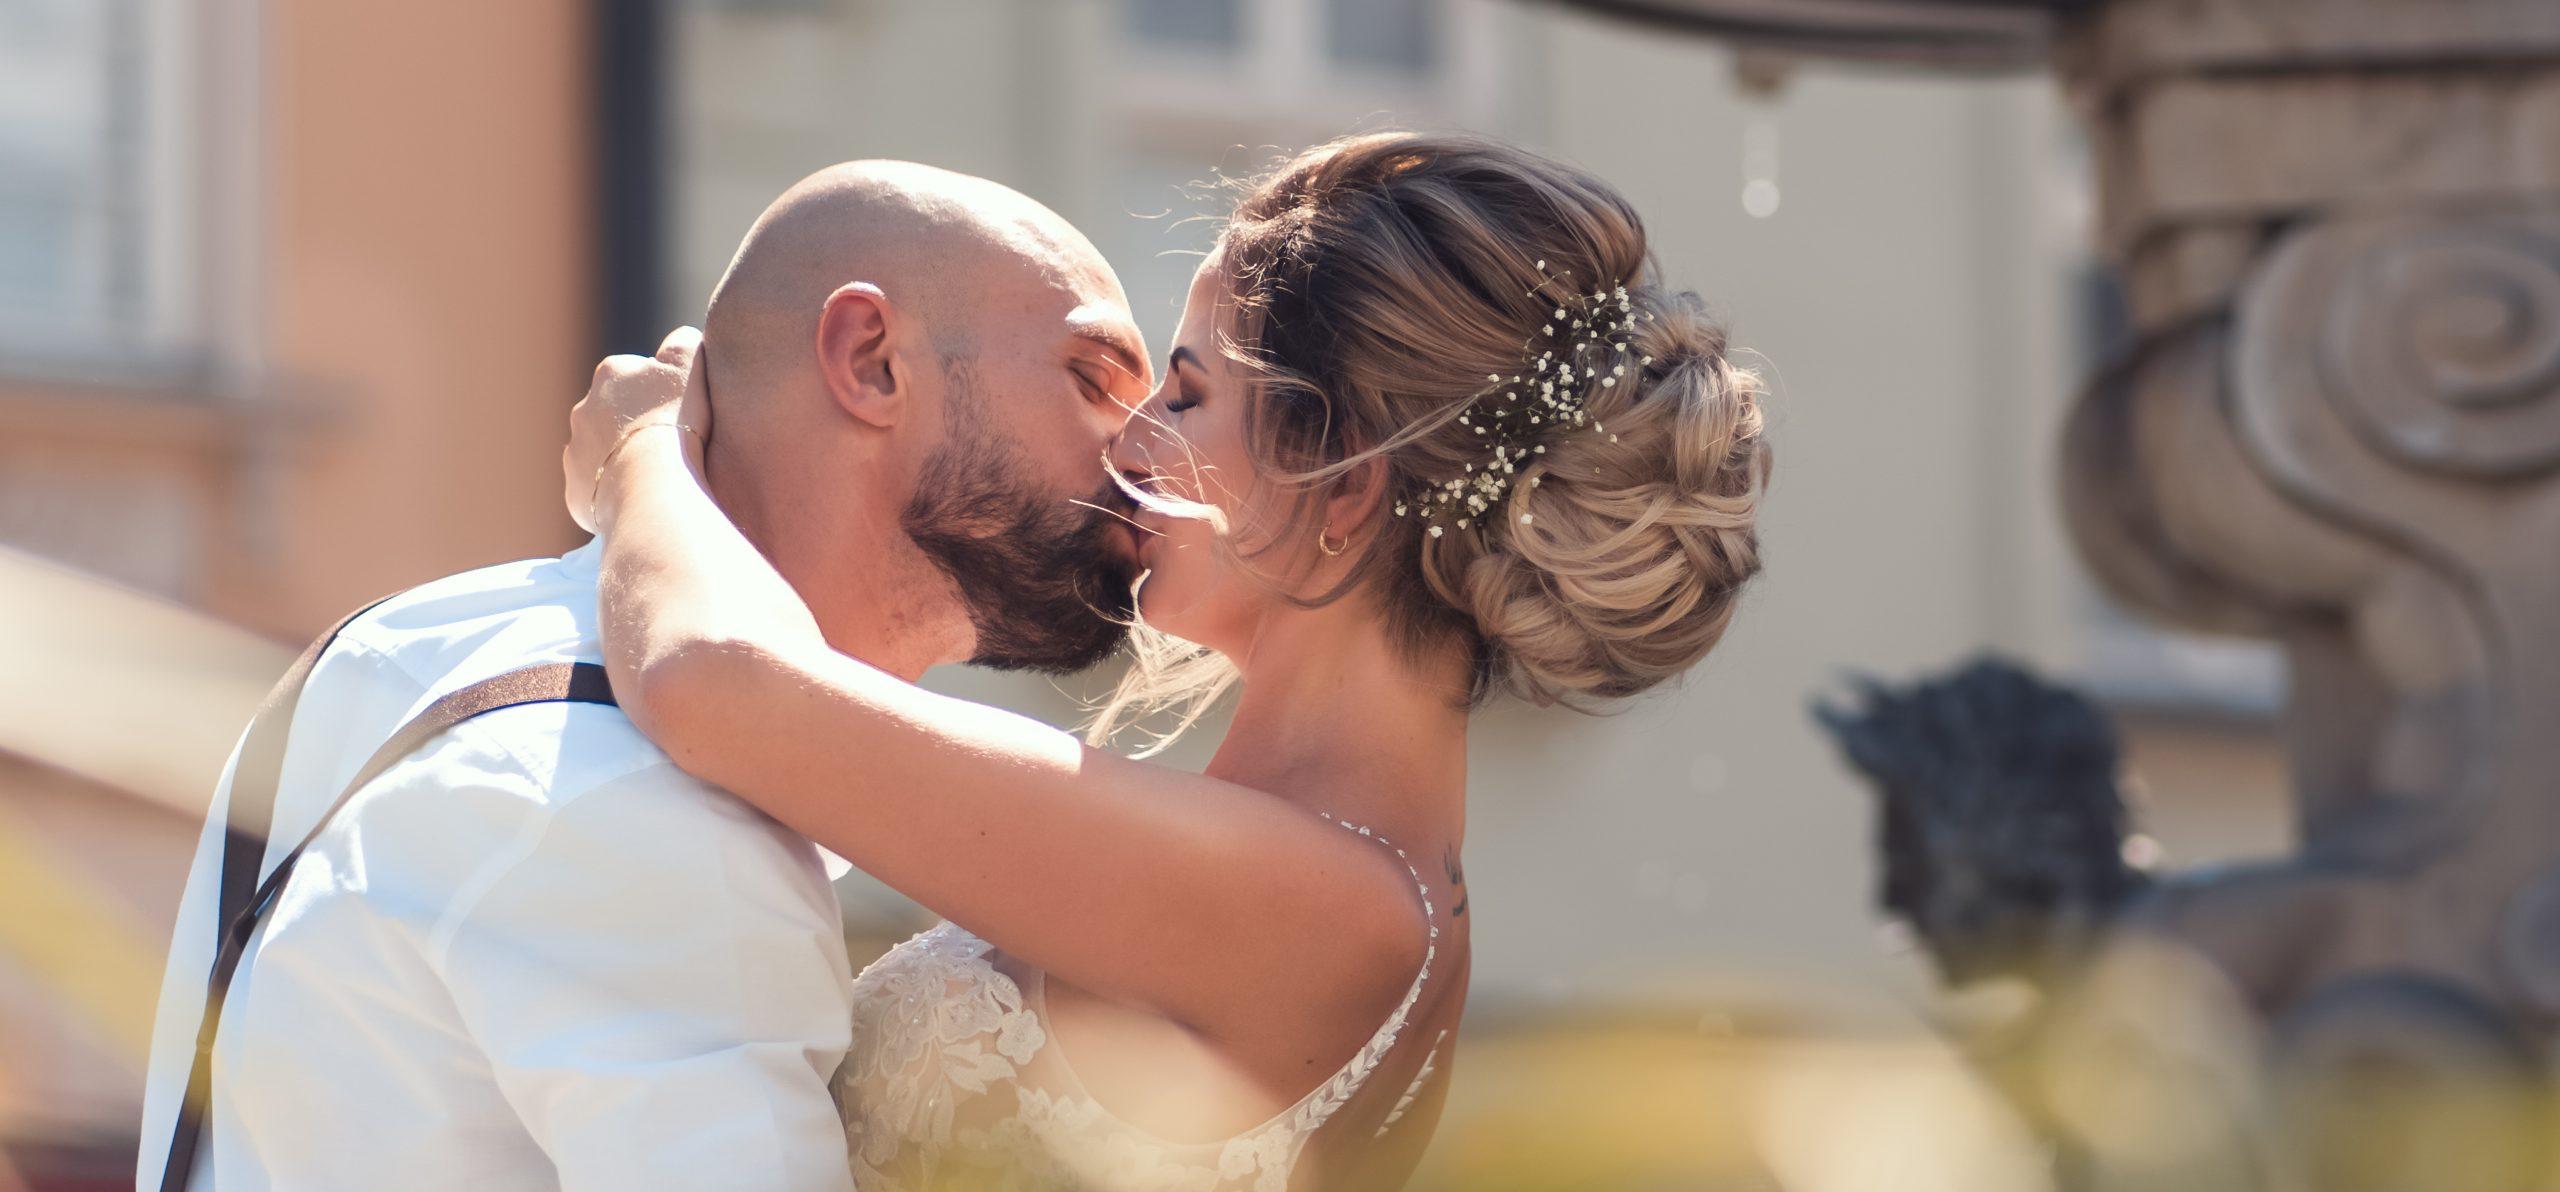 Portfolio_Hochzeitsfotografie_Fotografie_Franziska_Schneider_Augsburg